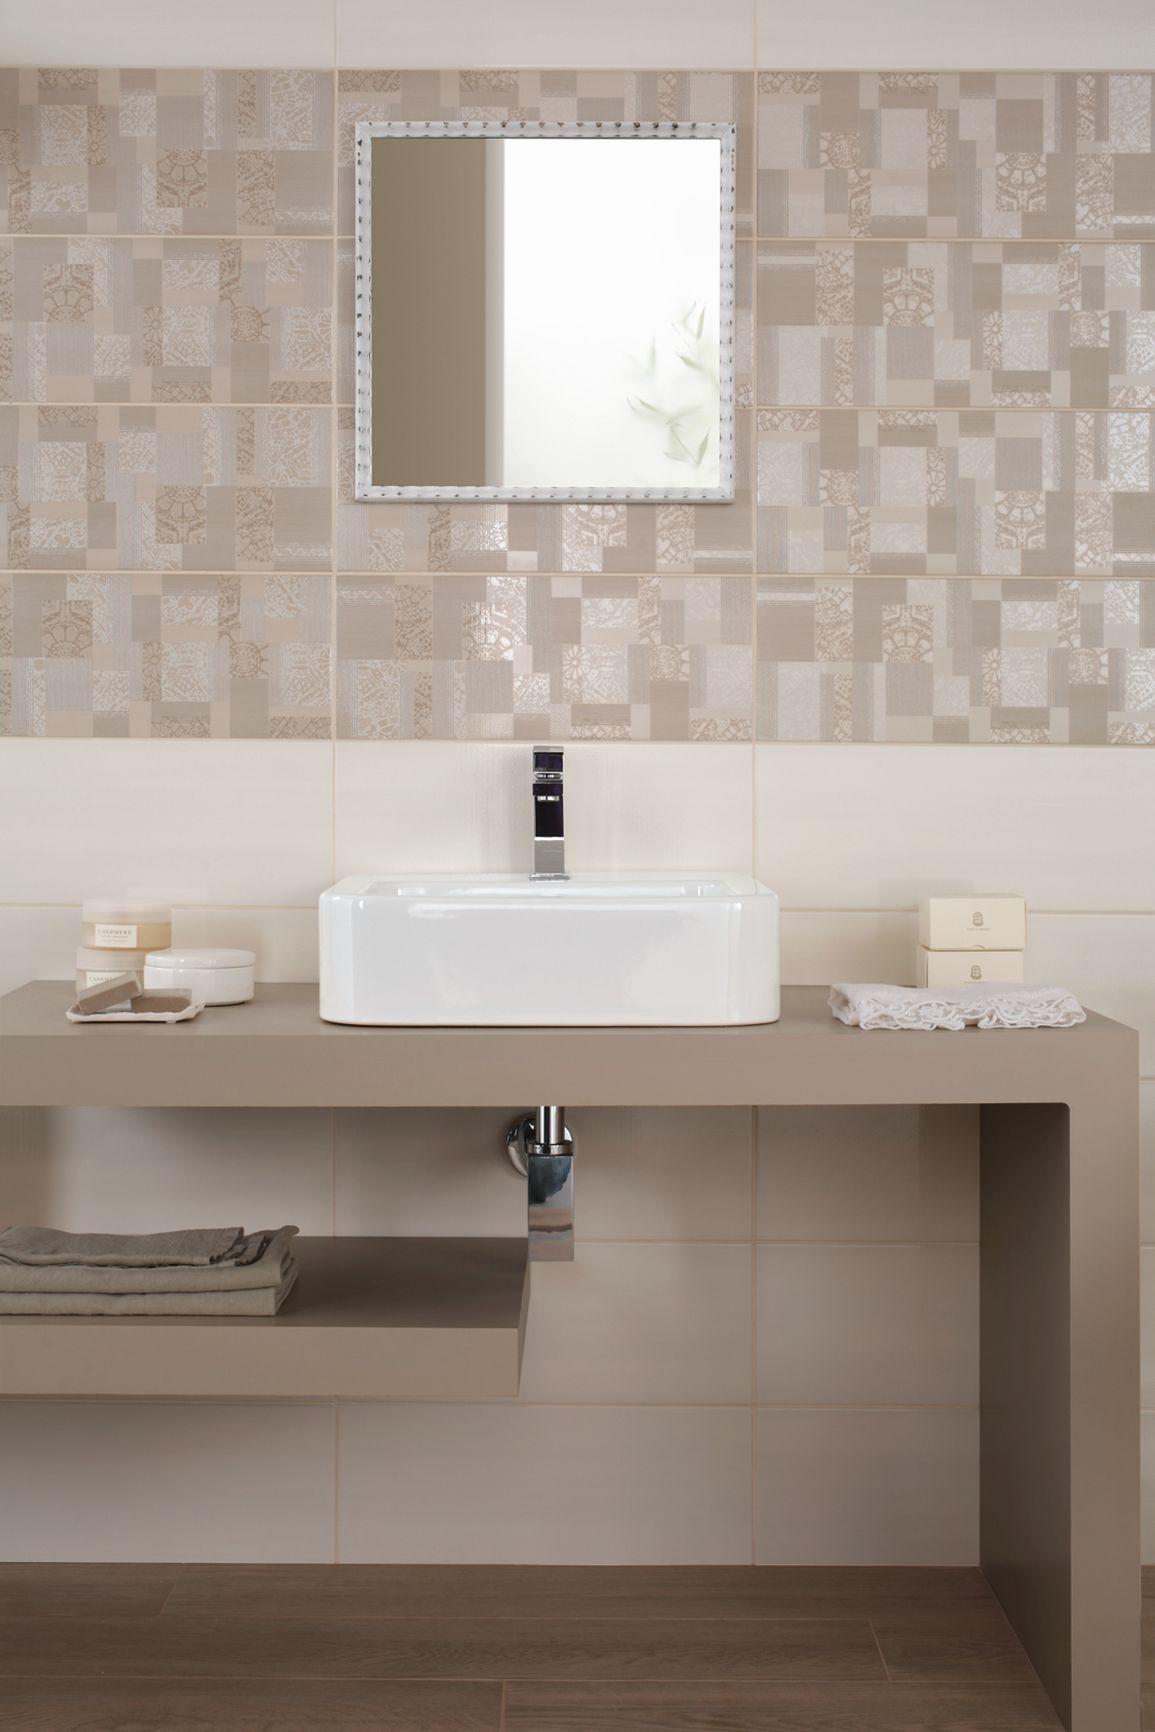 Nuance ceramiche per rivestimento bagno marazzi for Ceramiche bagno